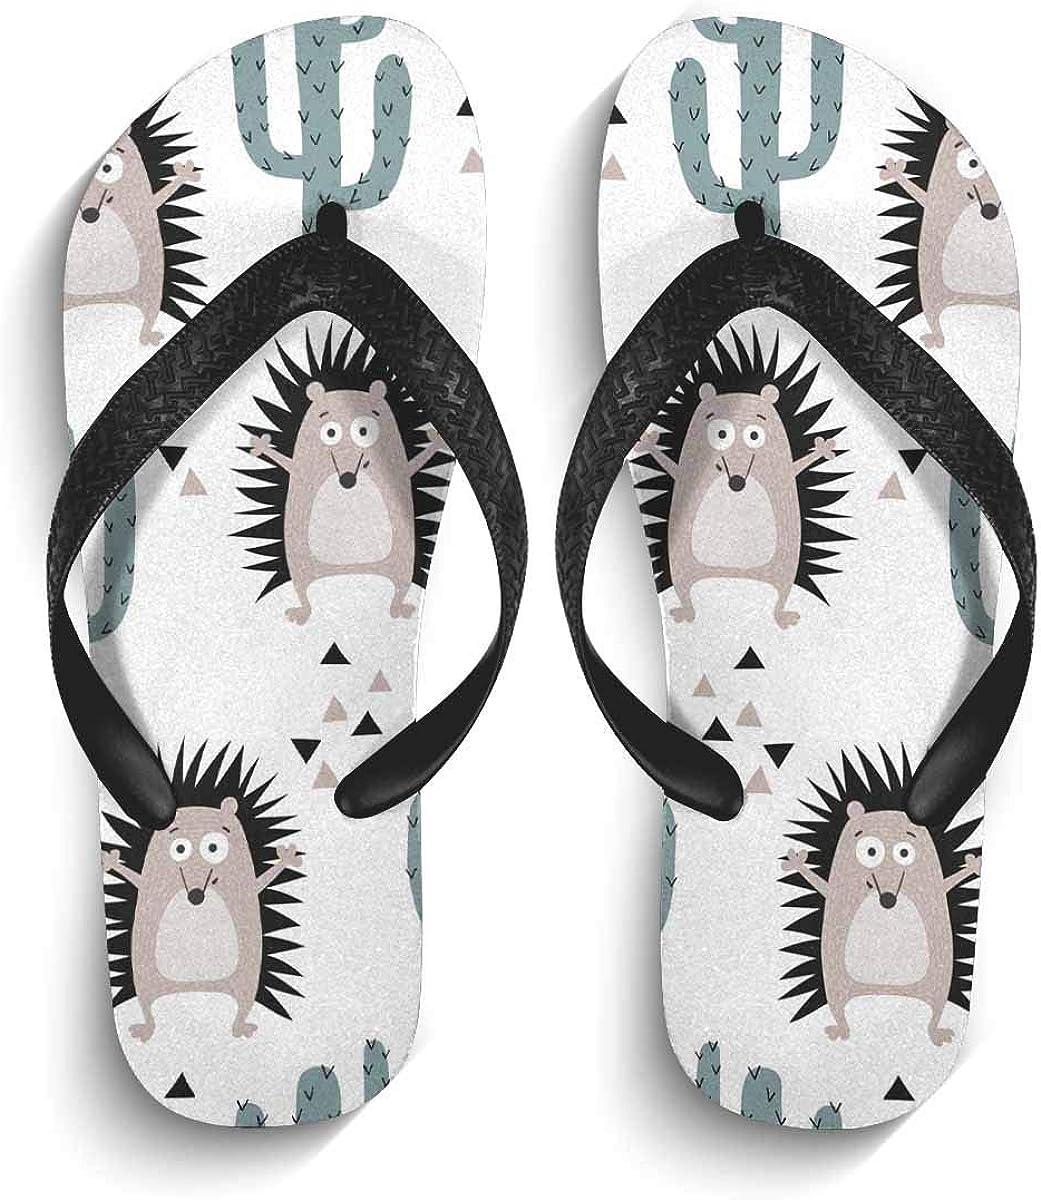 InterestPrint Men's Flip Flop Sandals Cute Hedgehog and Cactus Summer Beach Thong Sandal Outdoor Footwear XL